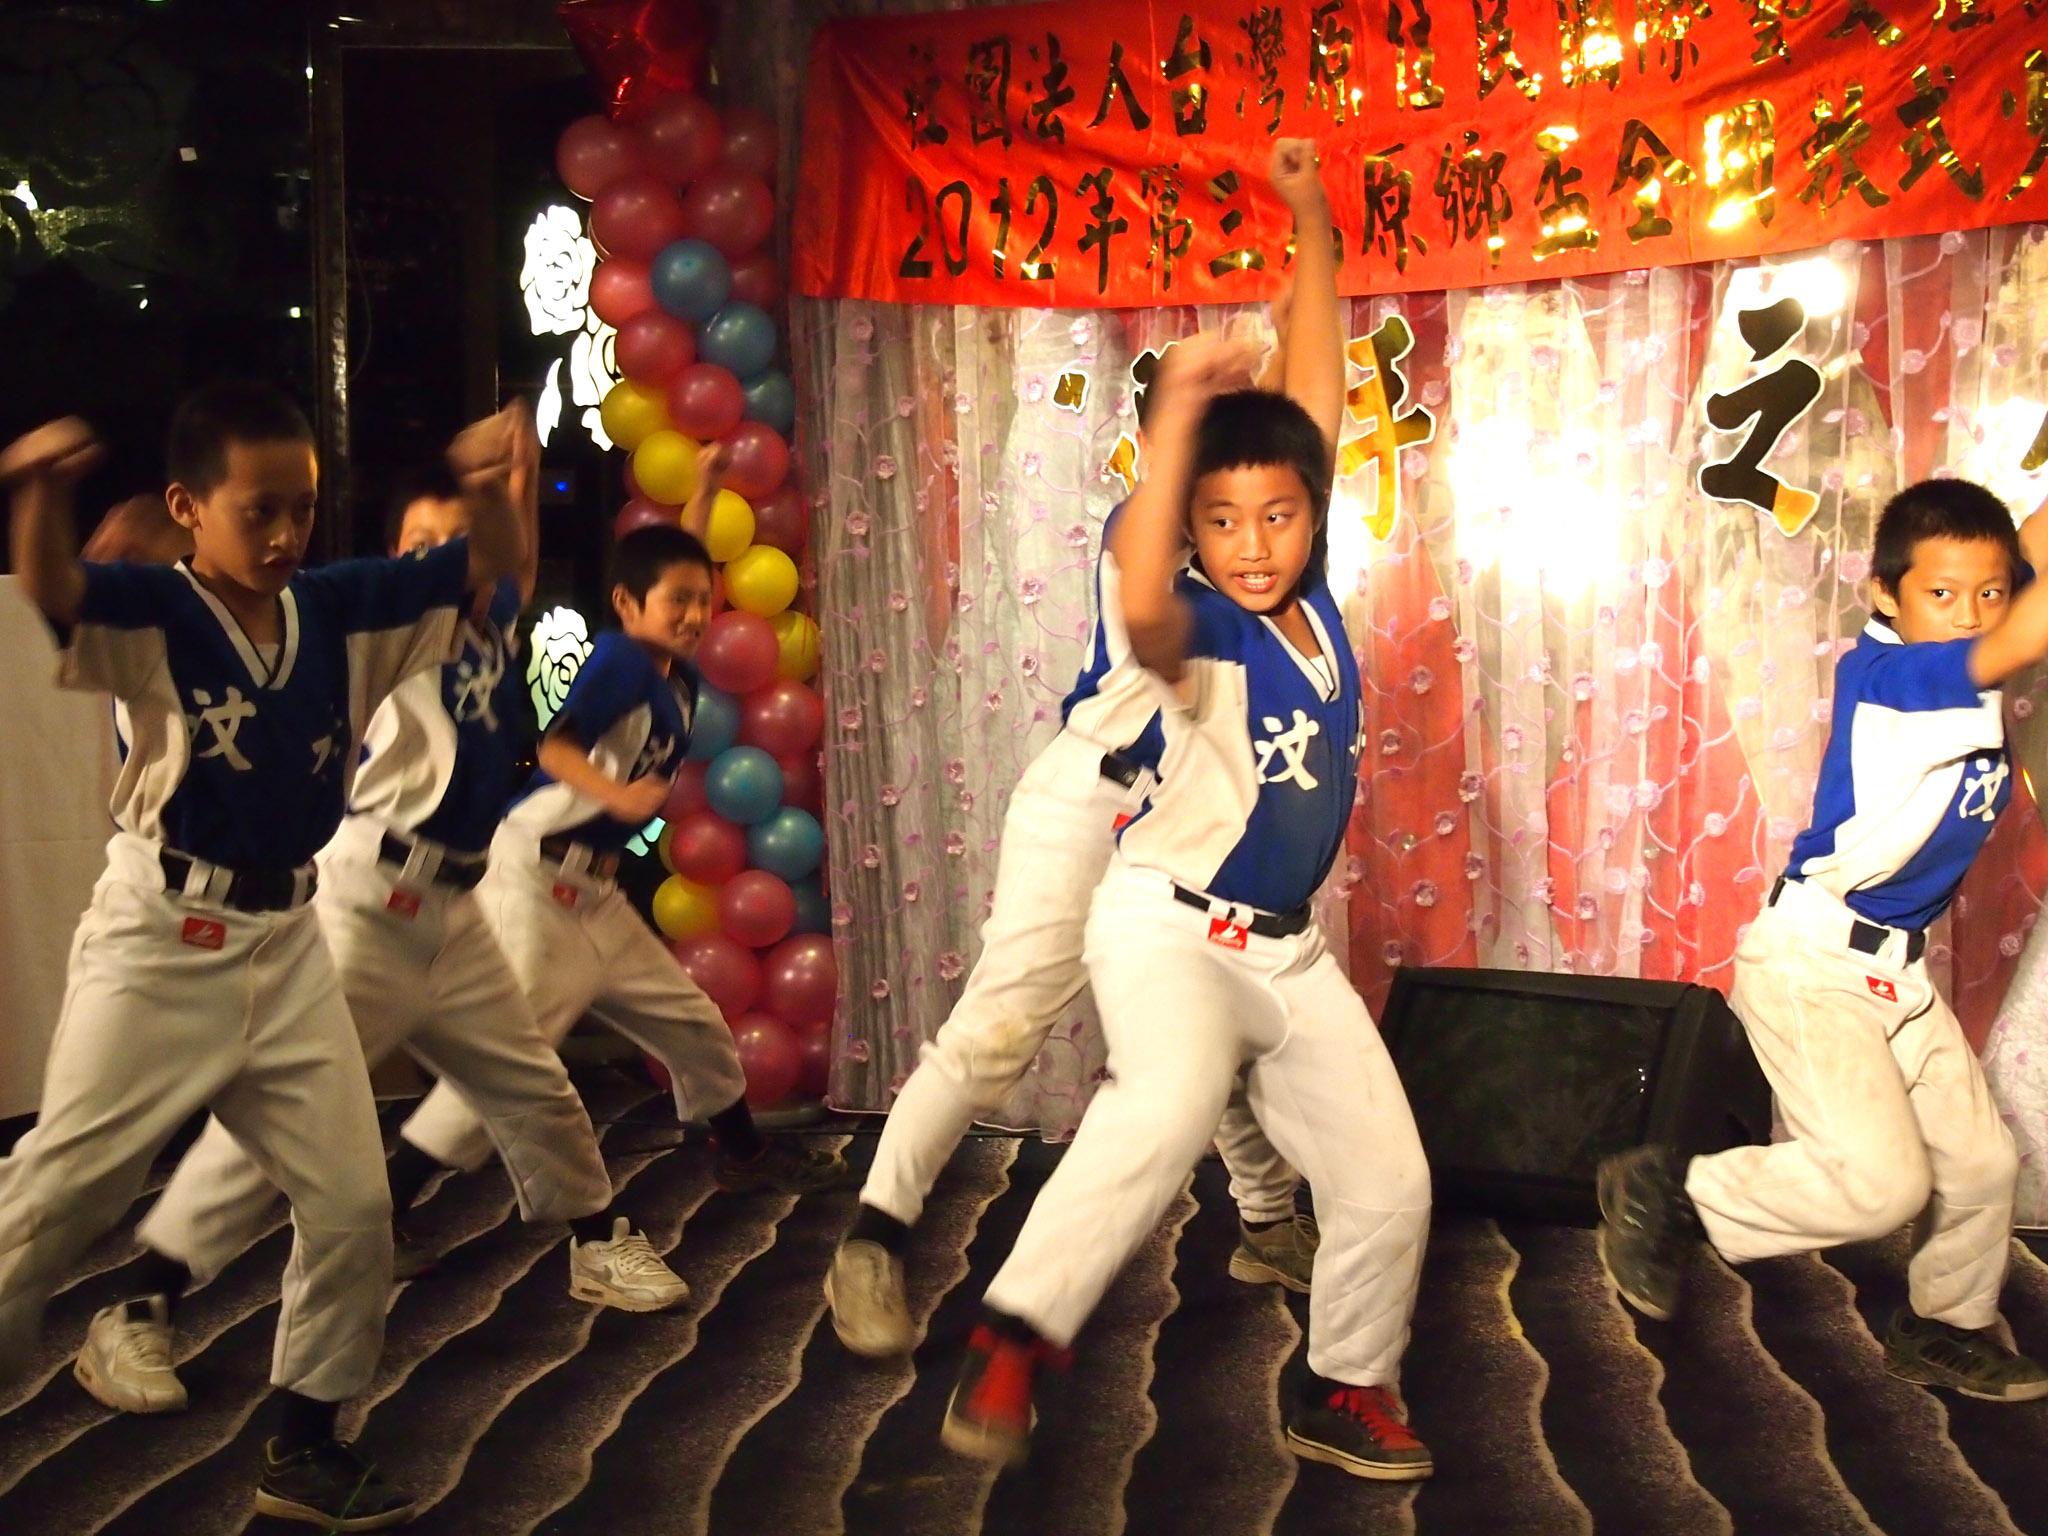 汶水國小的同學在選手之夜以勇士們的戰舞獲得滿堂采。